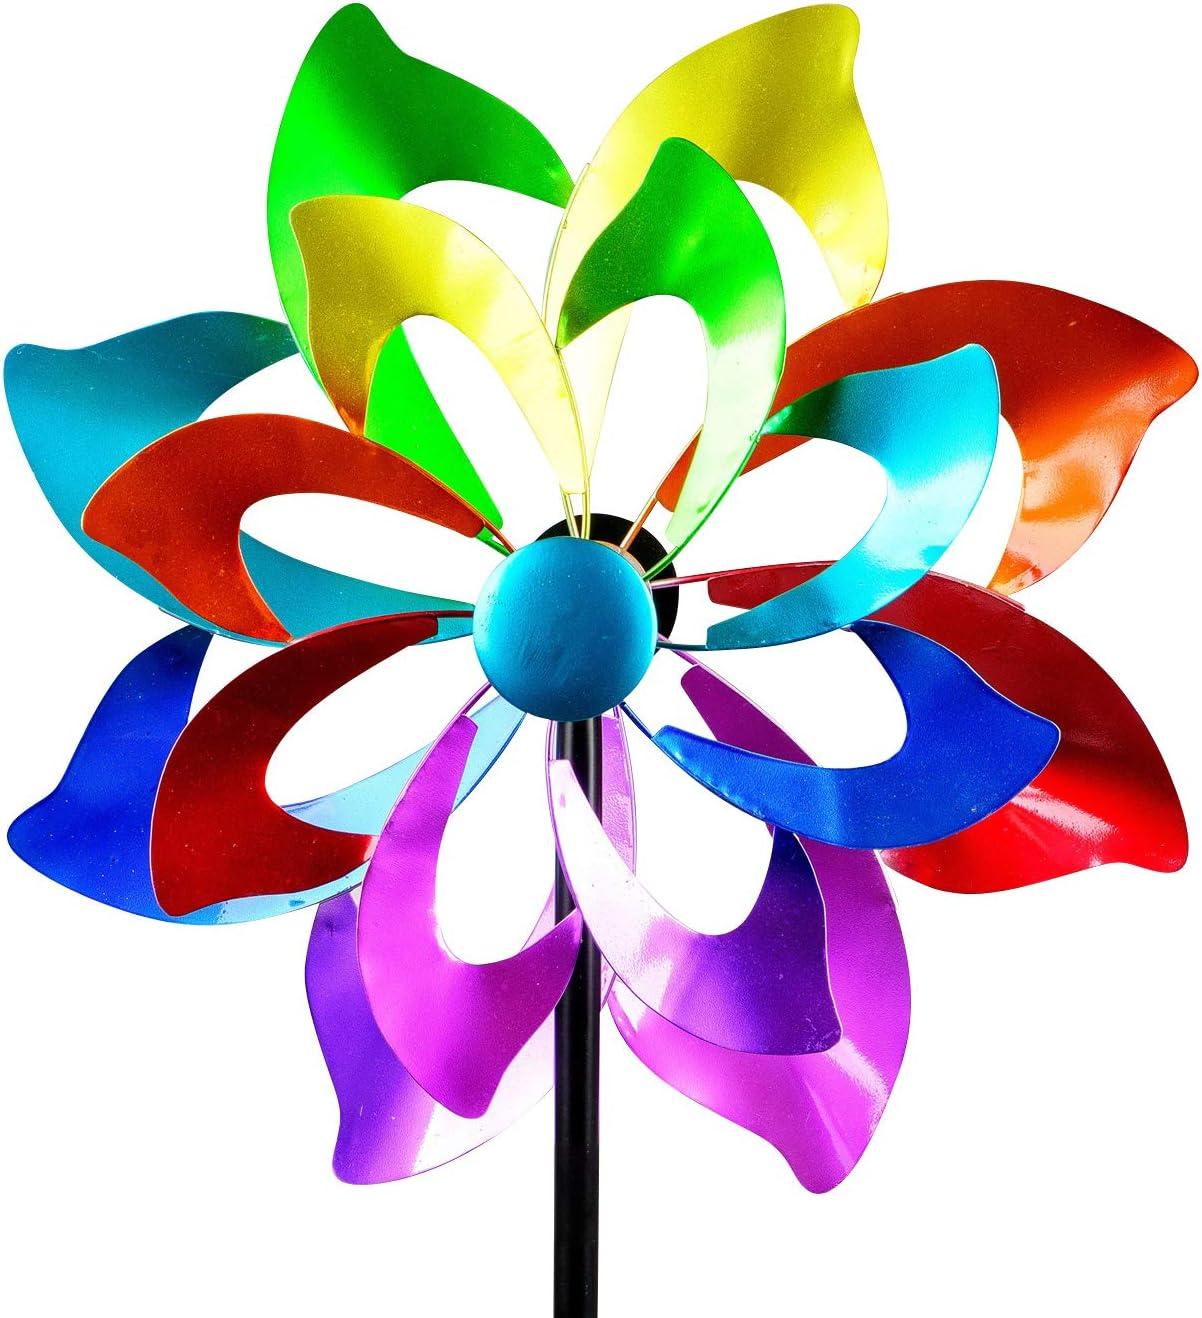 dekojohnson - Molinillo de viento XXL para el jardín de metal, diseño de flores, molino de viento, doble lila/azul/rojo/verde, 166 cm grande: Amazon.es: Jardín